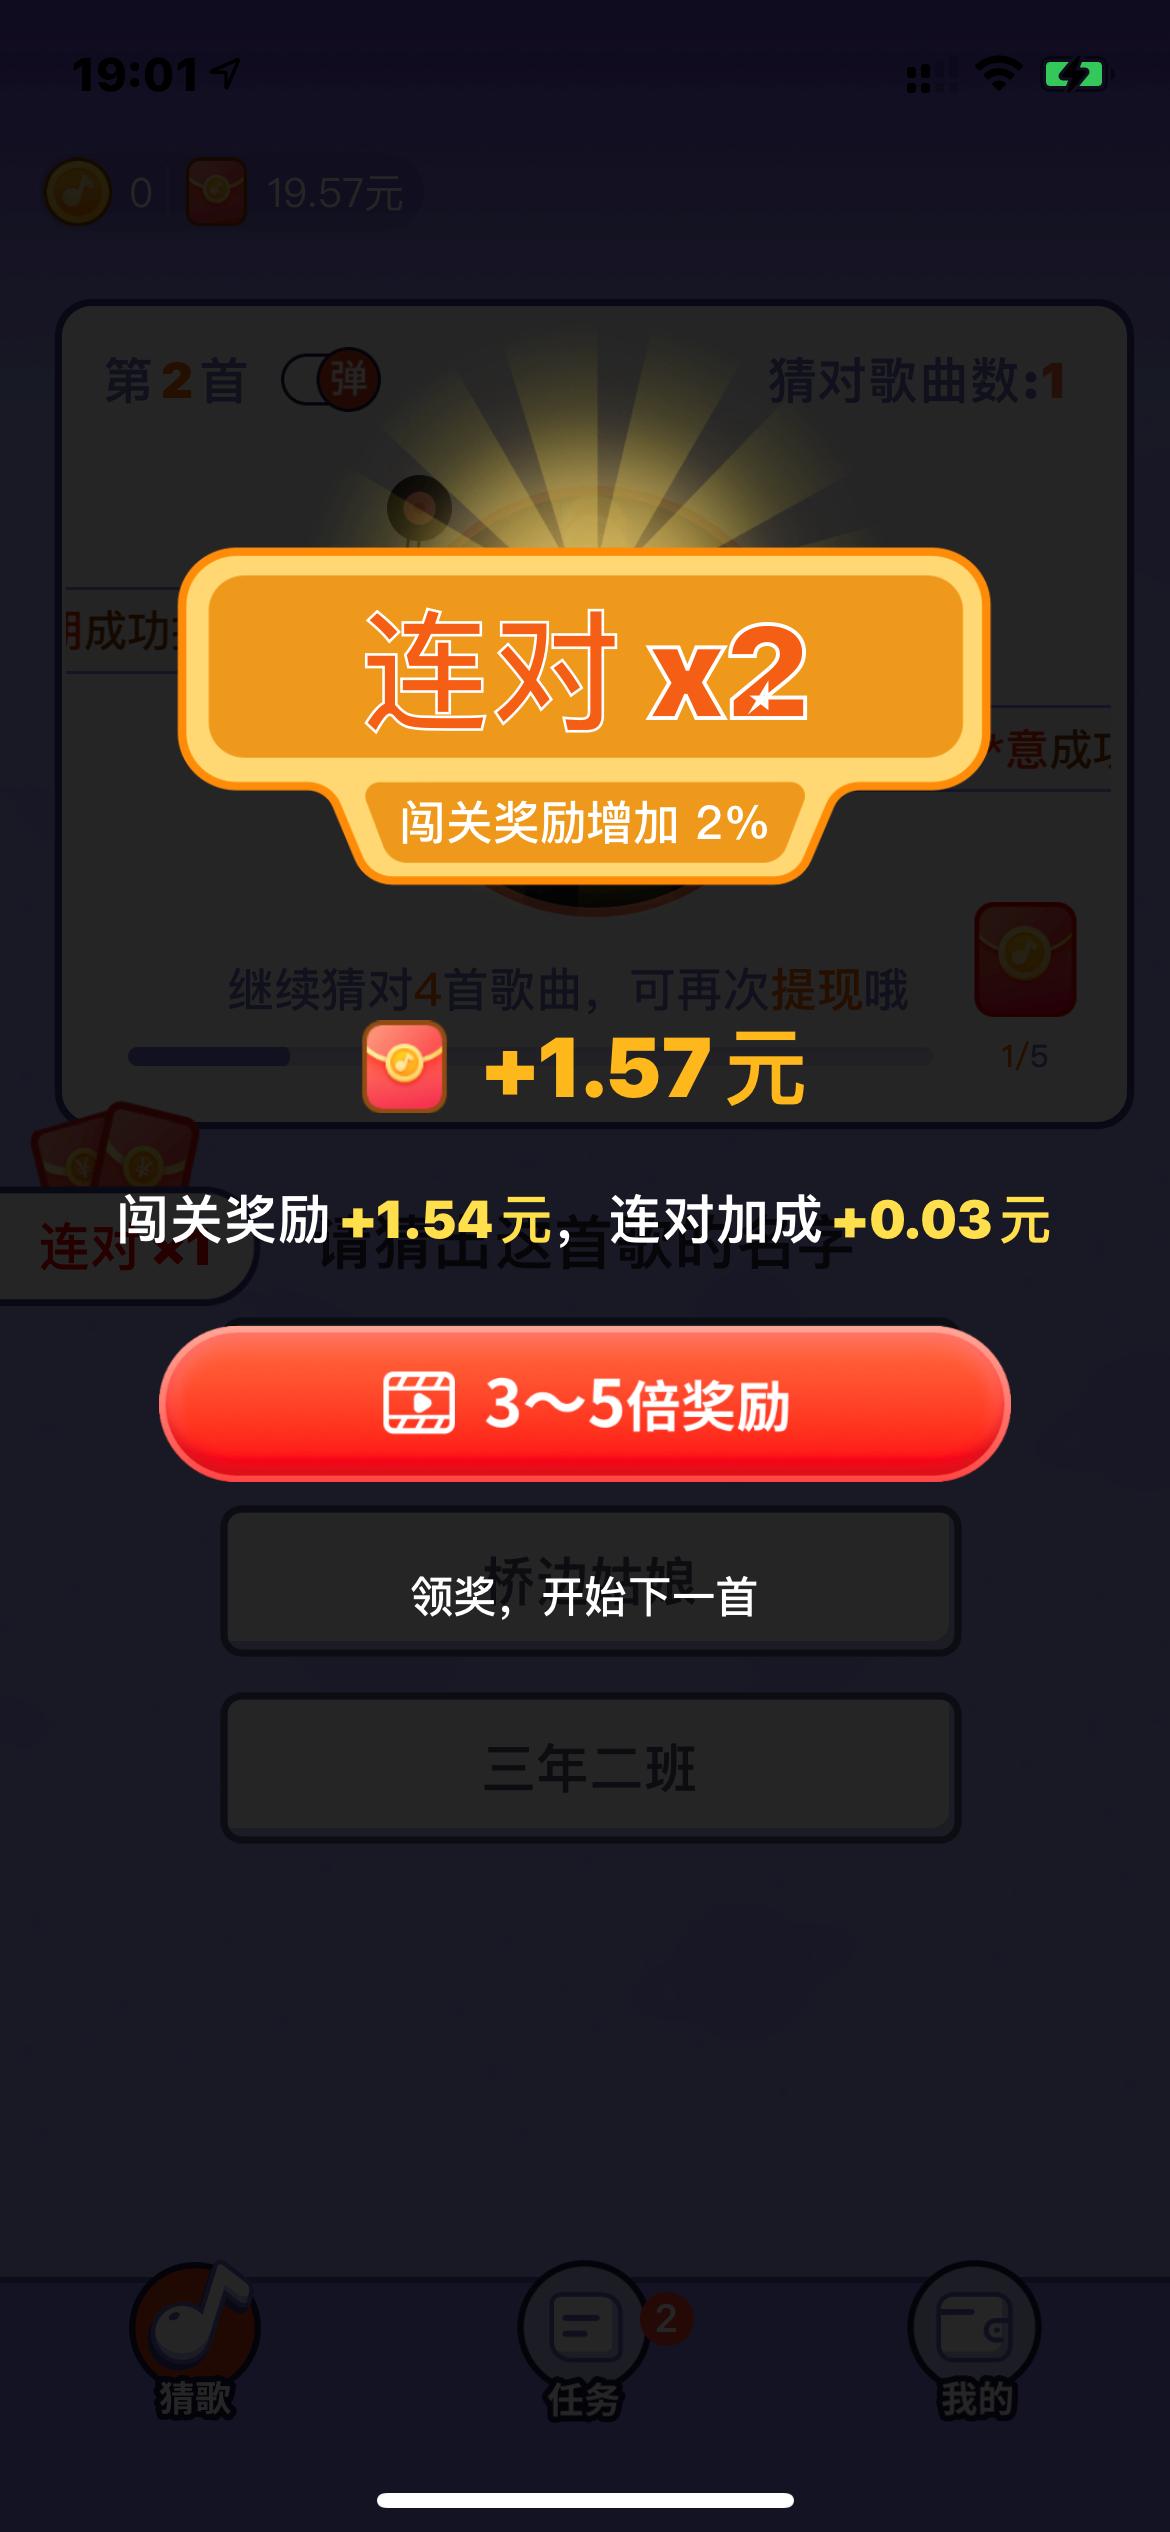 忙活一天只赚 2.3 元,这些赚钱 App 太没节操